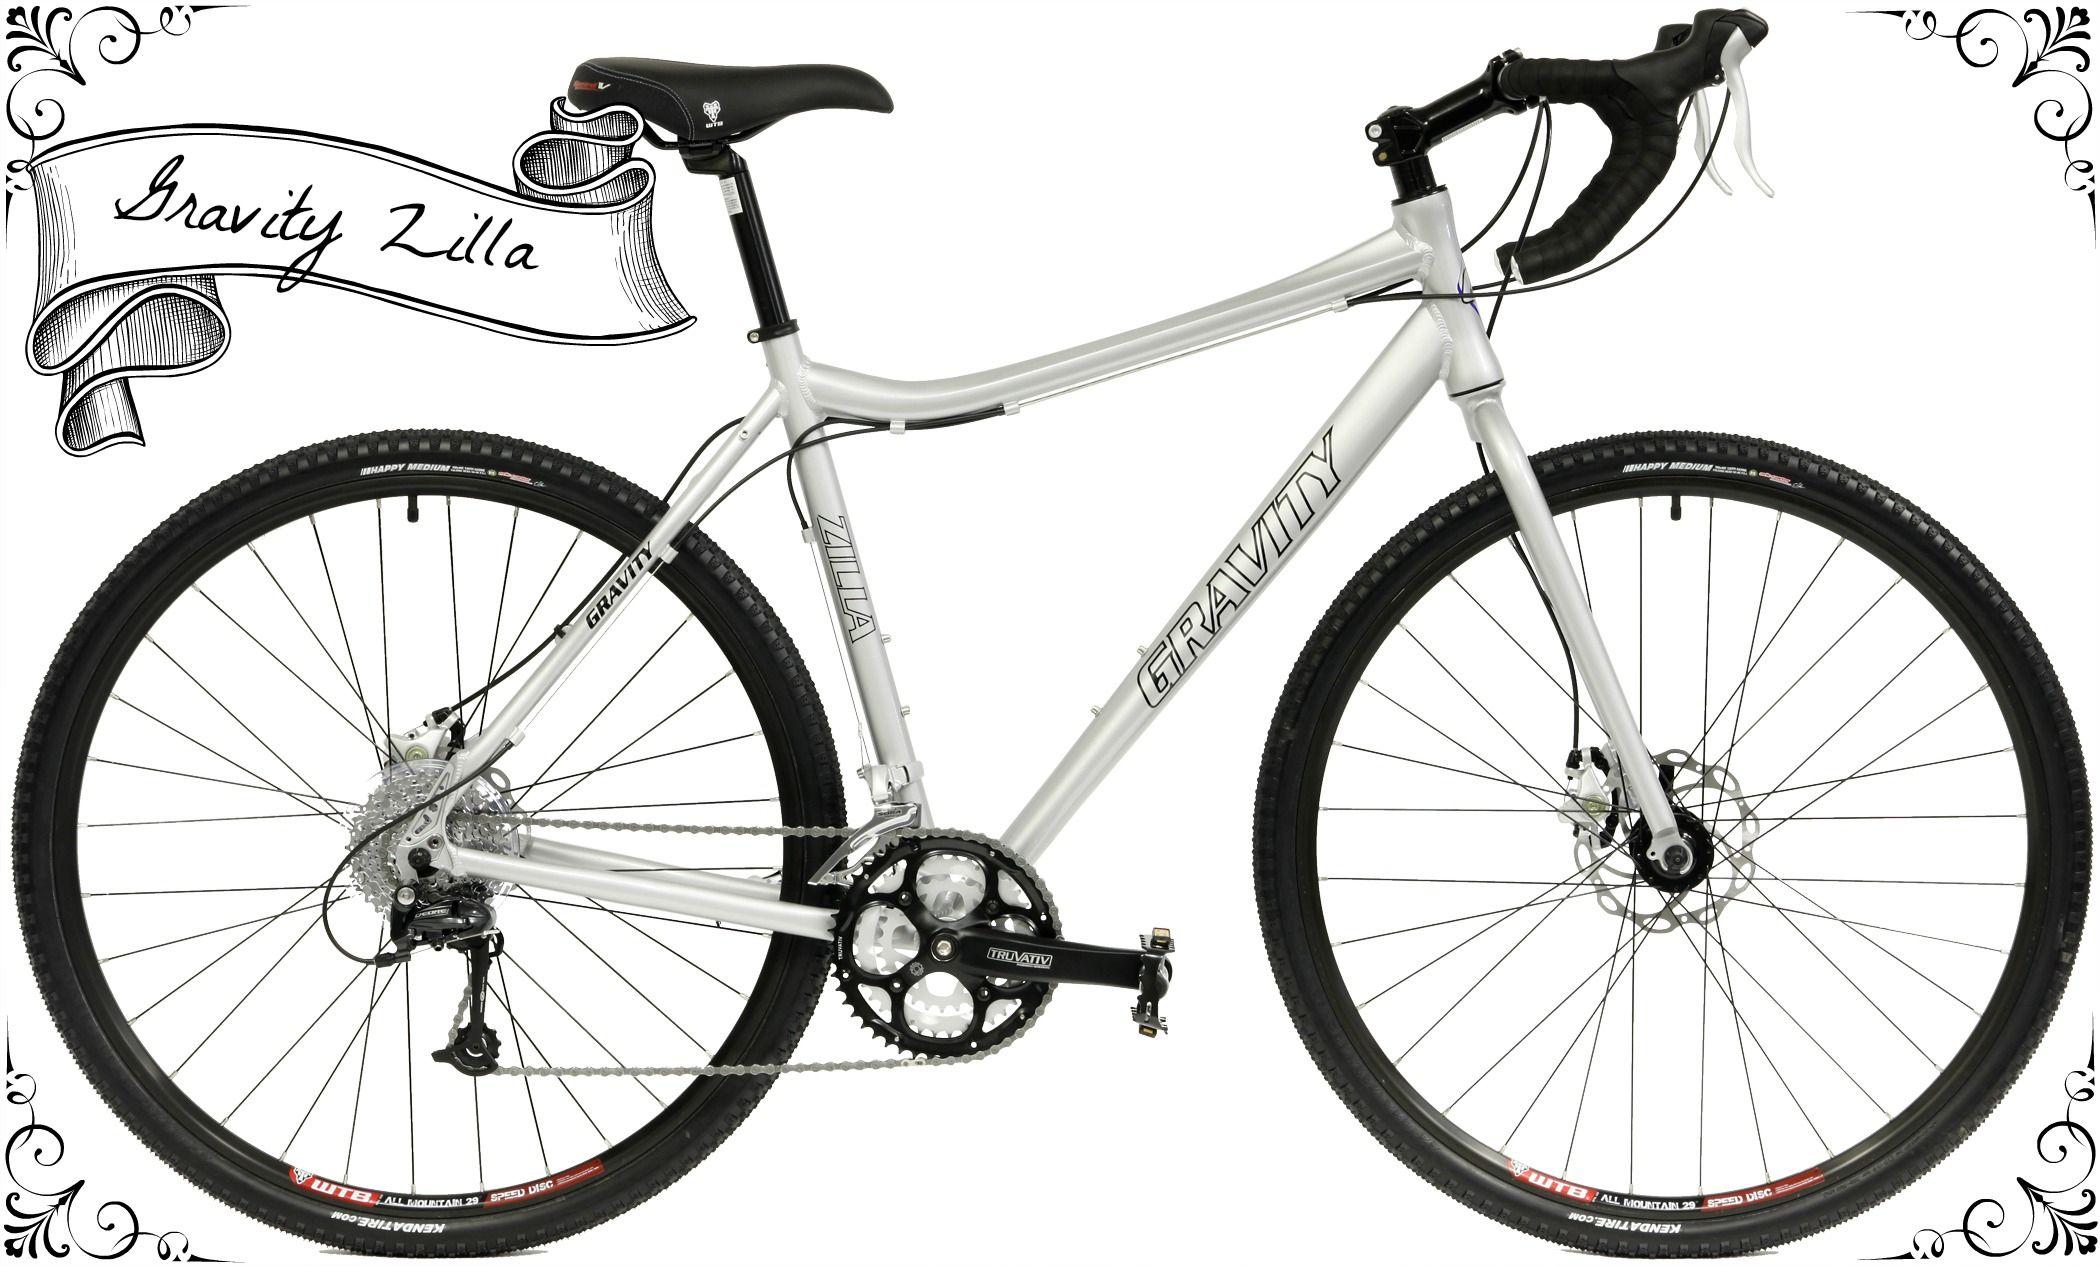 2013 GRAVITY ZILLA 29er Monster Cross Cyclocross Bike